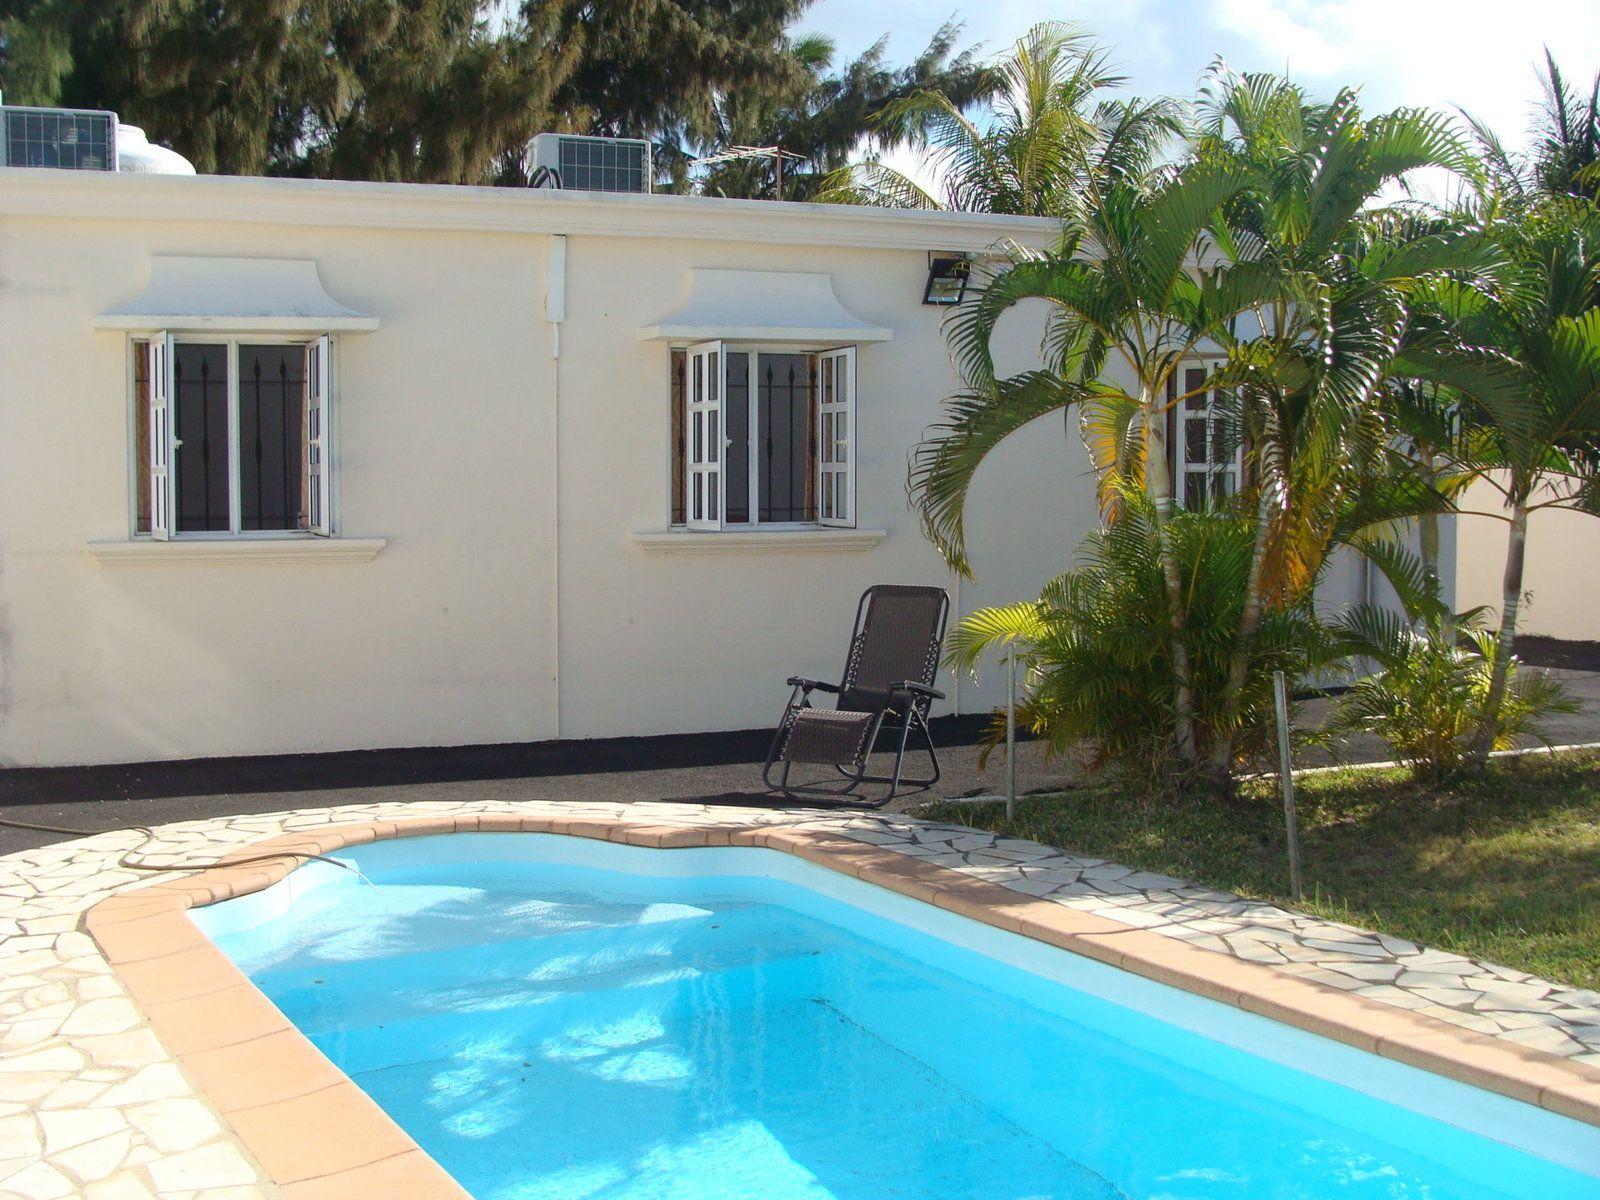 Maison à louer 4 120m2 à Ile Maurice vignette-1